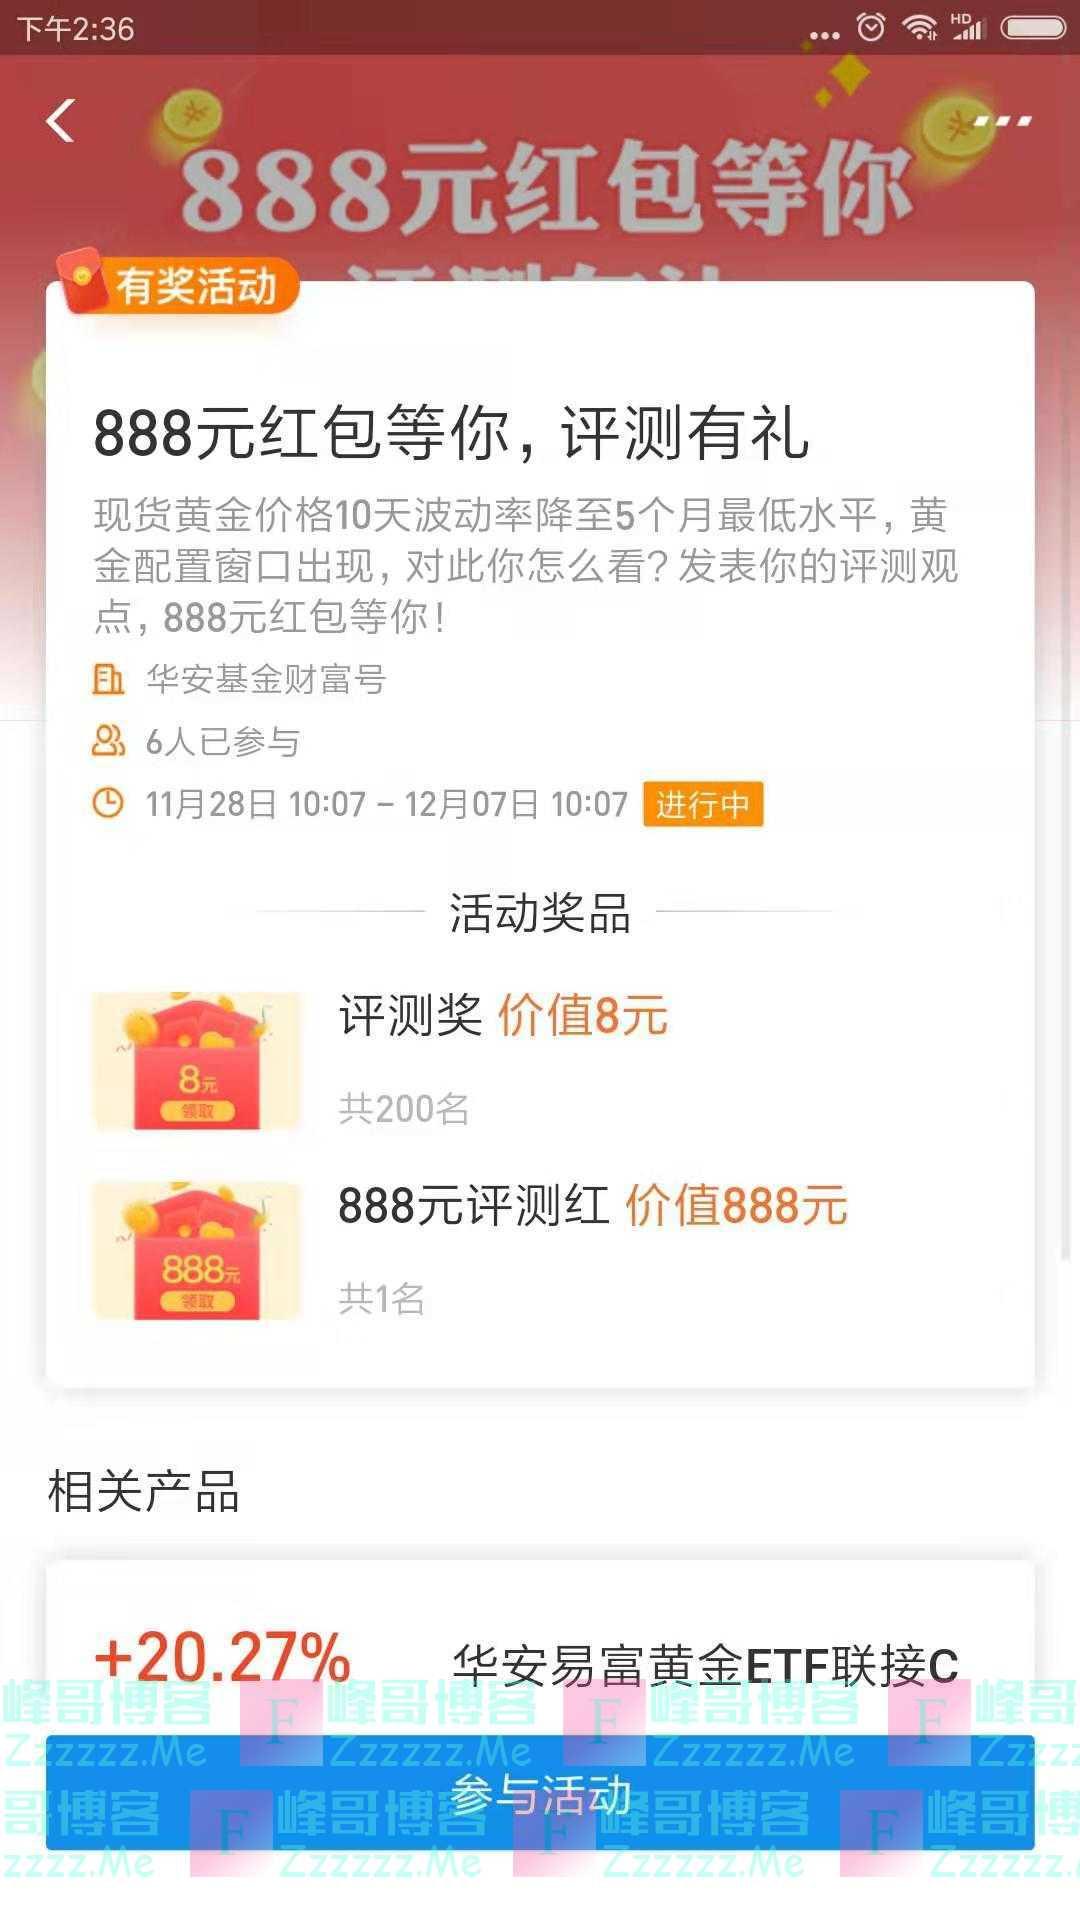 华安基金888元红包等你 评测有礼(截止12月7日)